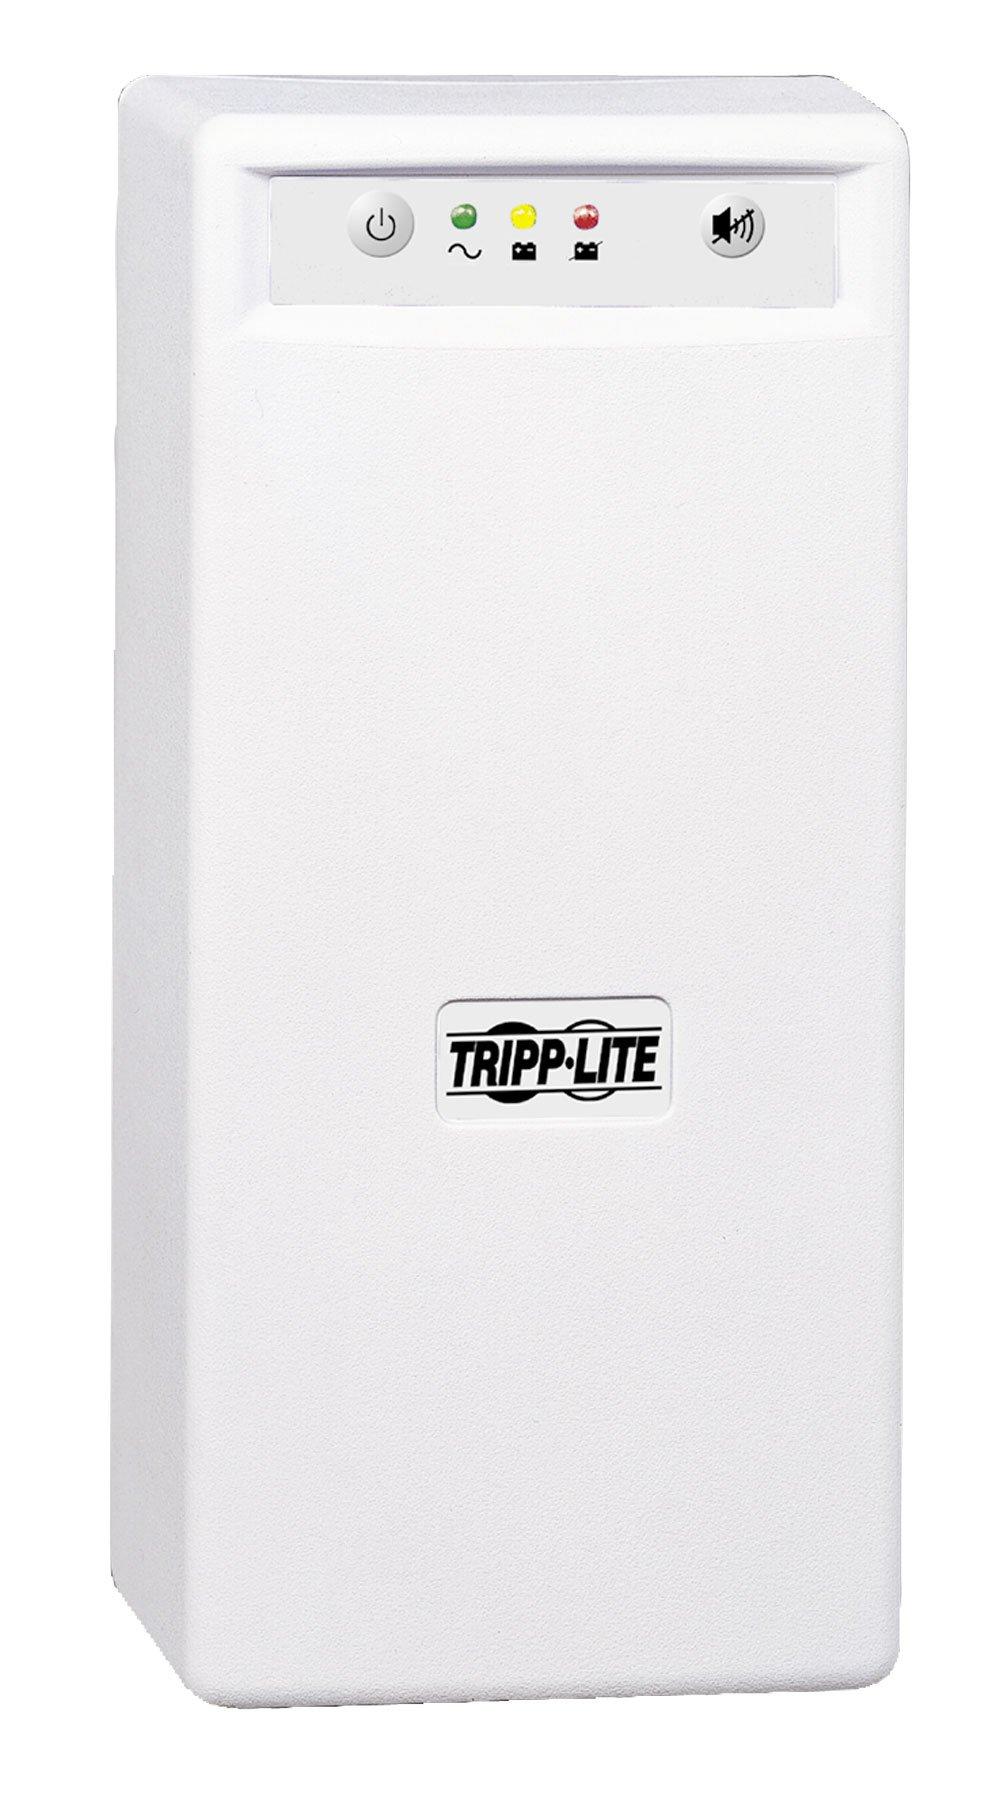 Tripp Lite INTERNETOFFICE700 700VA 425W UPS Desktop Battery Back Up Tower 120V USB RJ45 PC, 6 Outlets